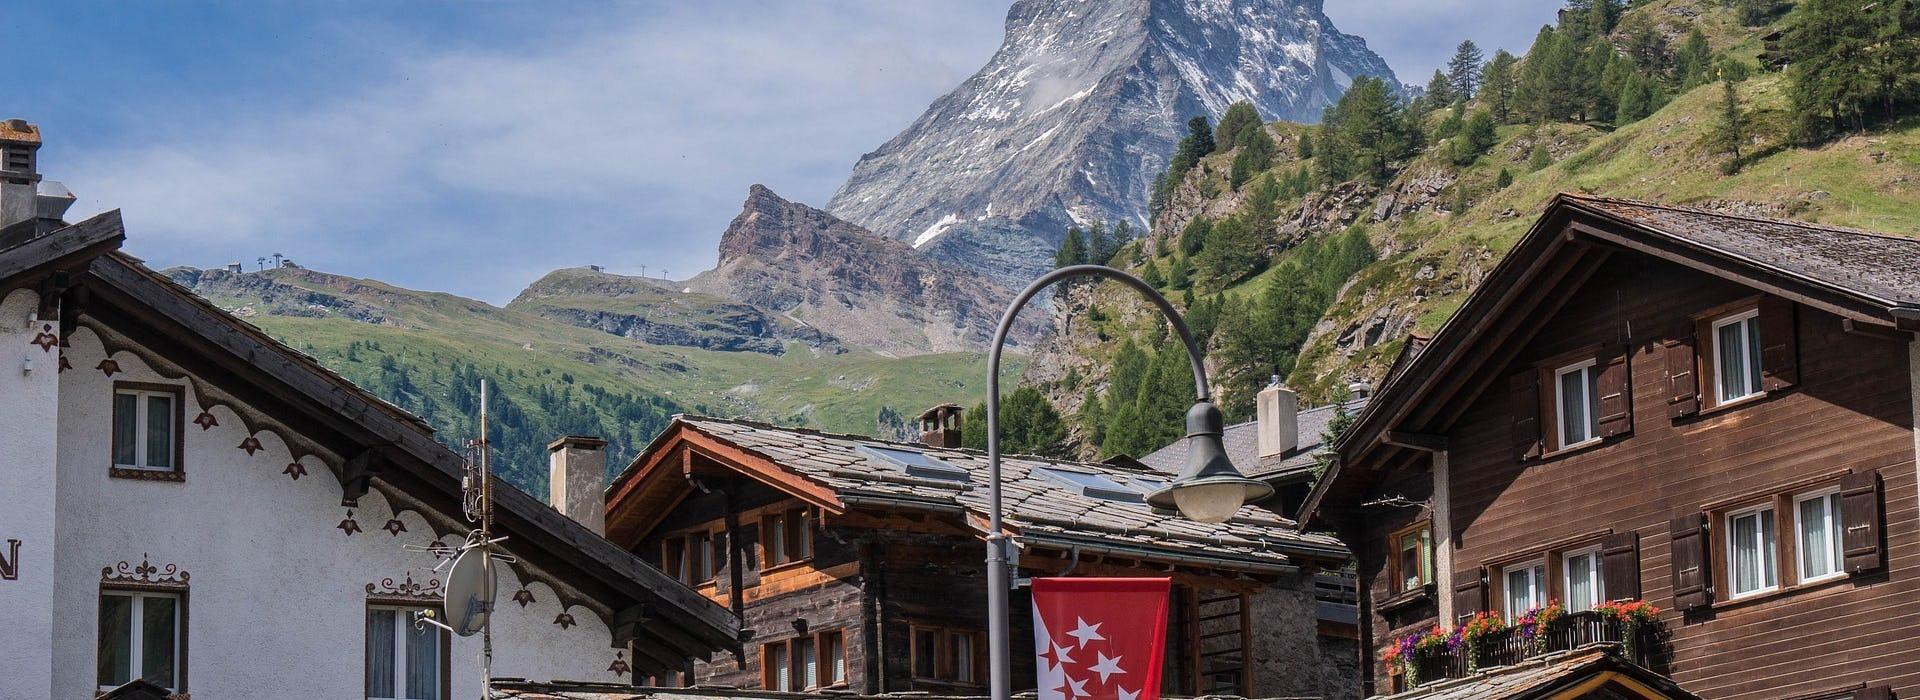 Zermatt Ferienreise Ramsauer Carreisen